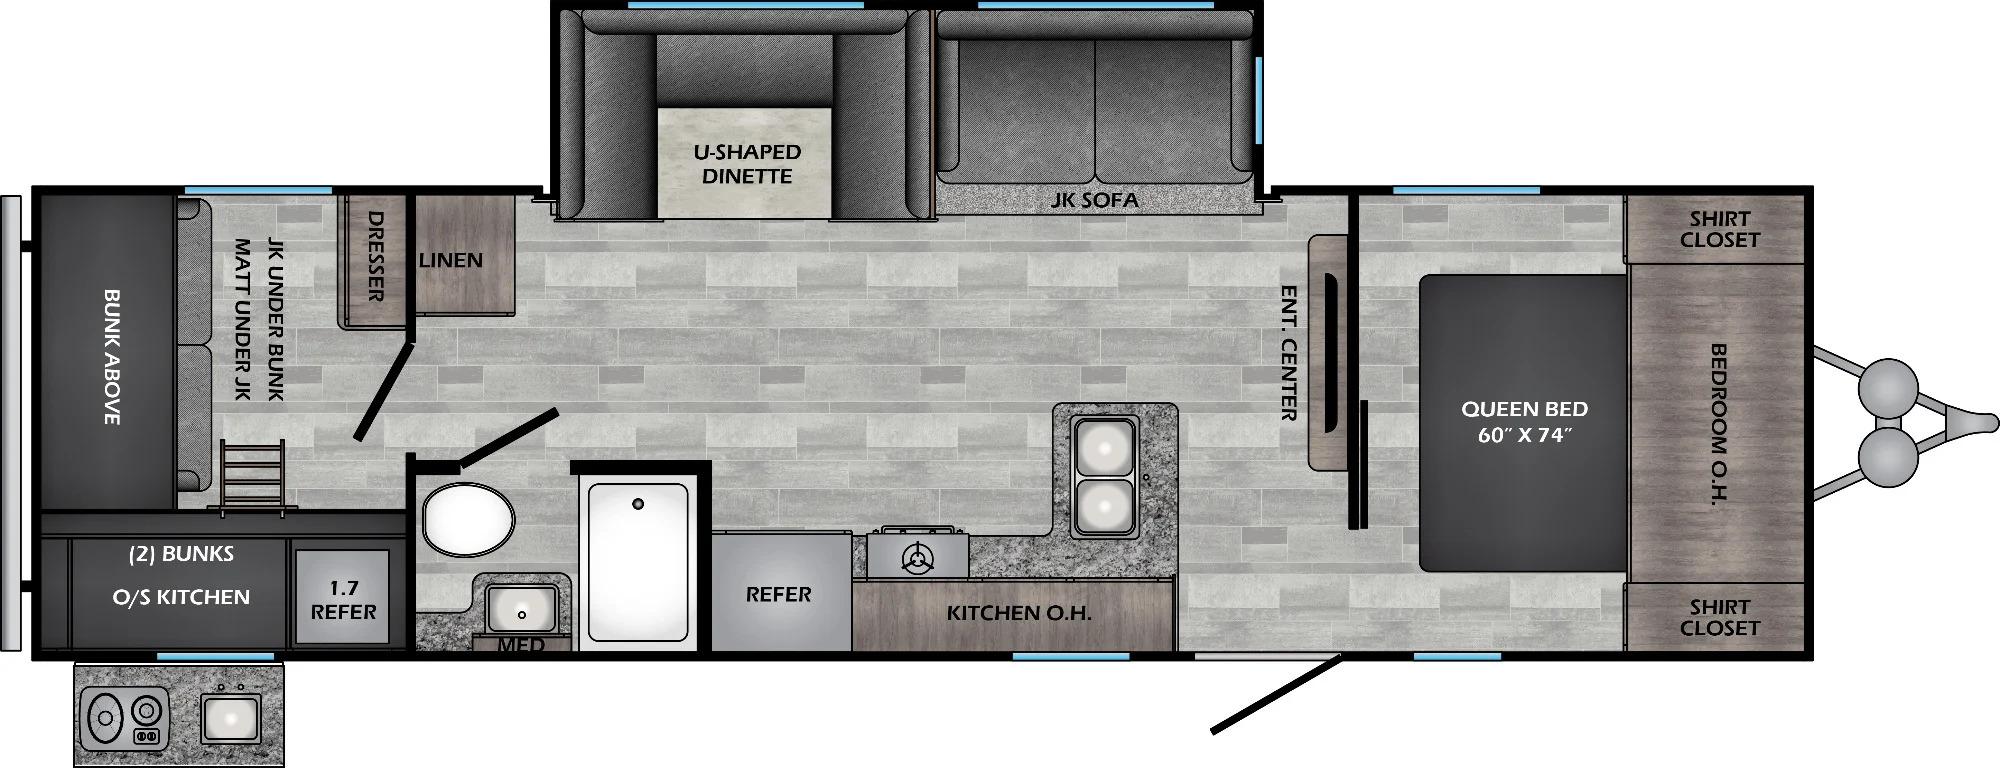 View Floor Plan for 2022 CROSSROADS ZINGER 290KB